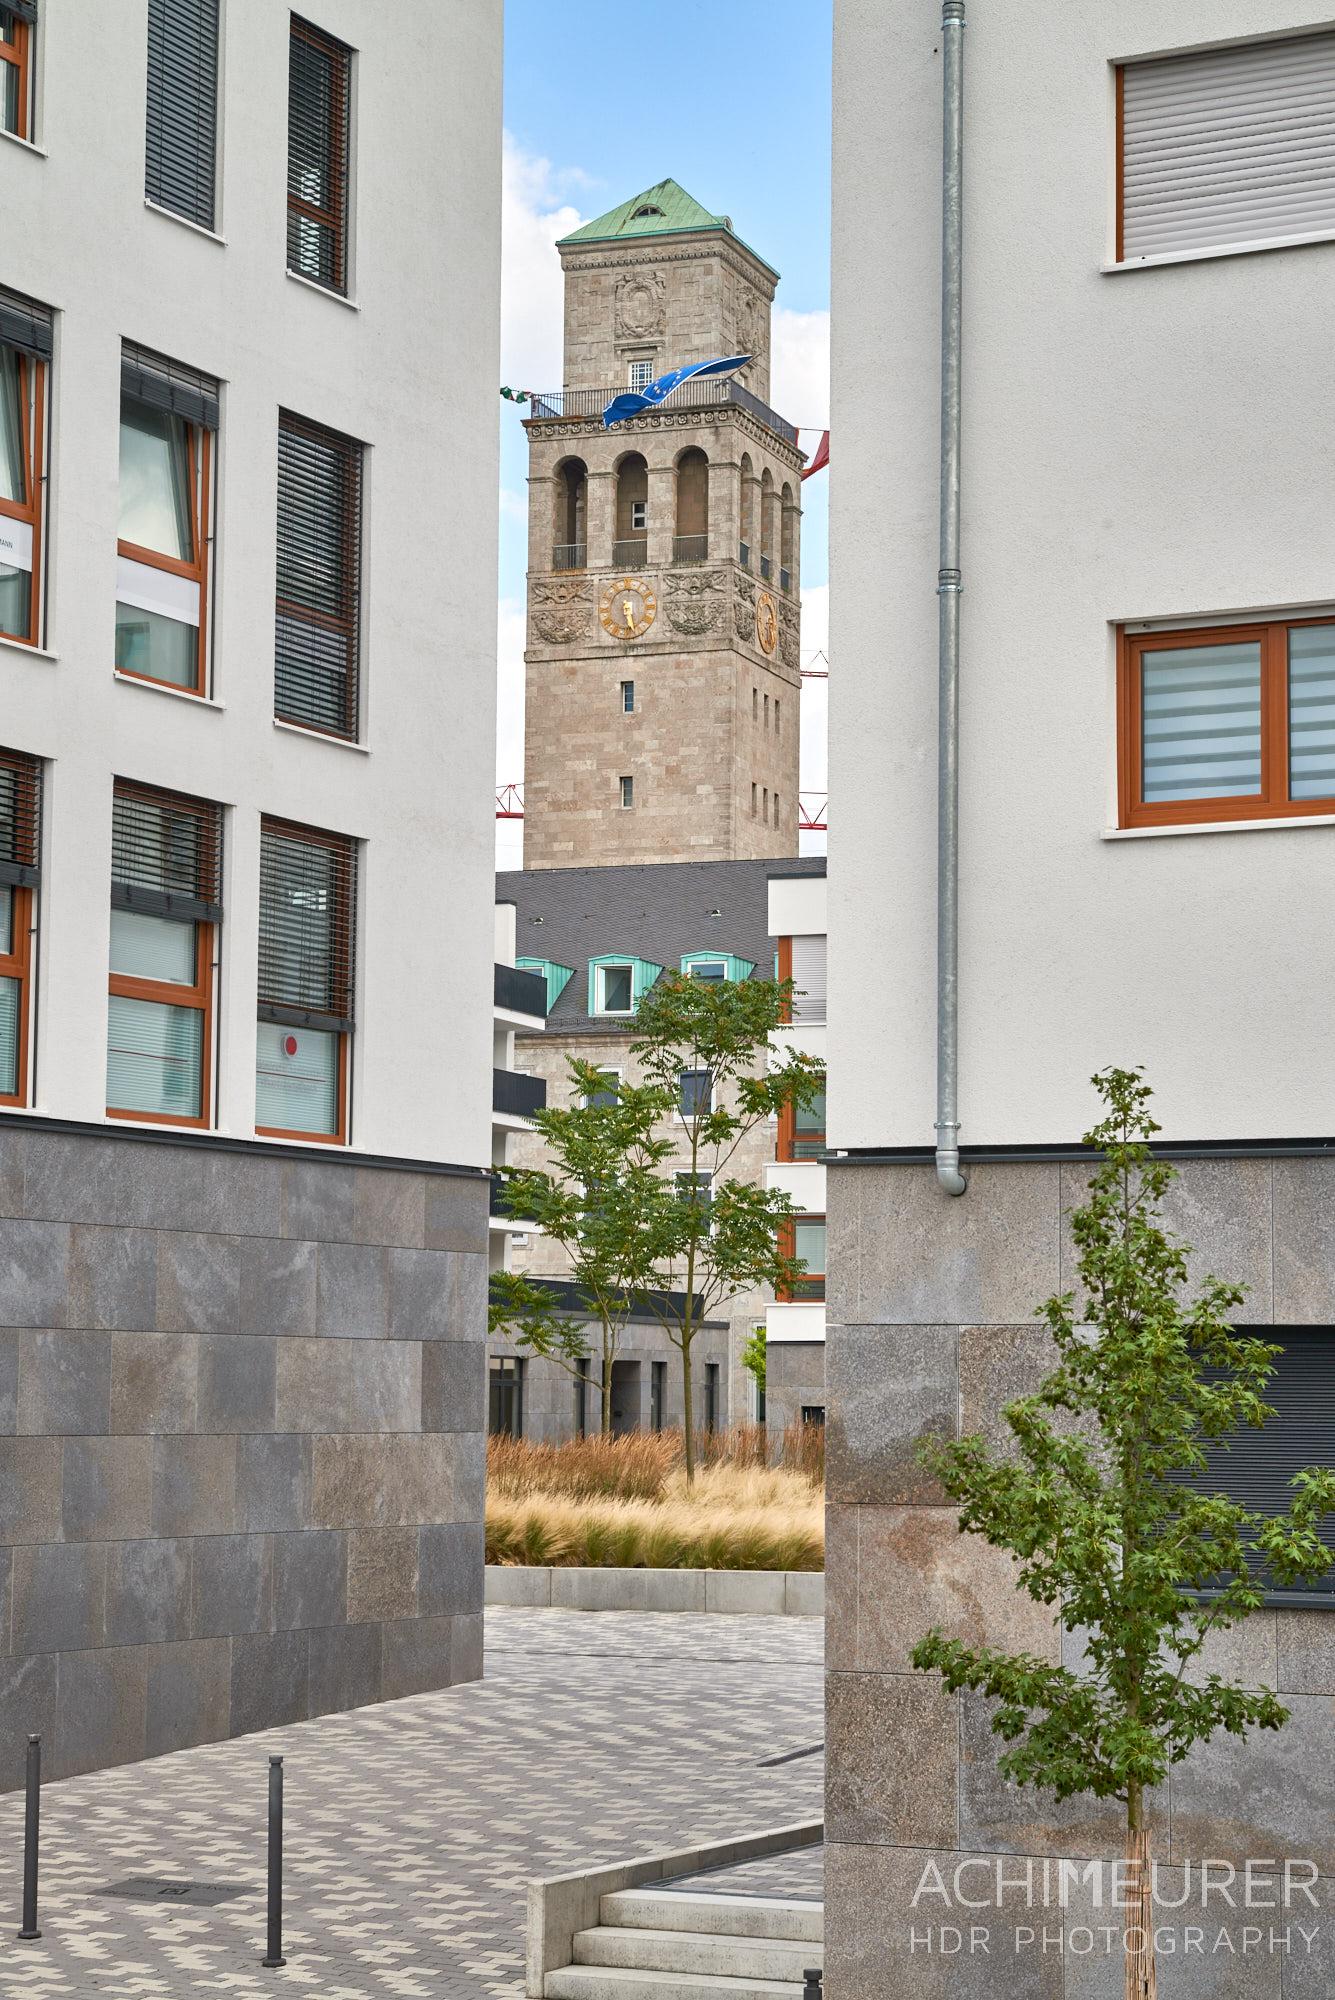 Impressionen aus Mülheim a.d. Ruhr, Ruhrgebiet , NRW by AchimMeurer.com .